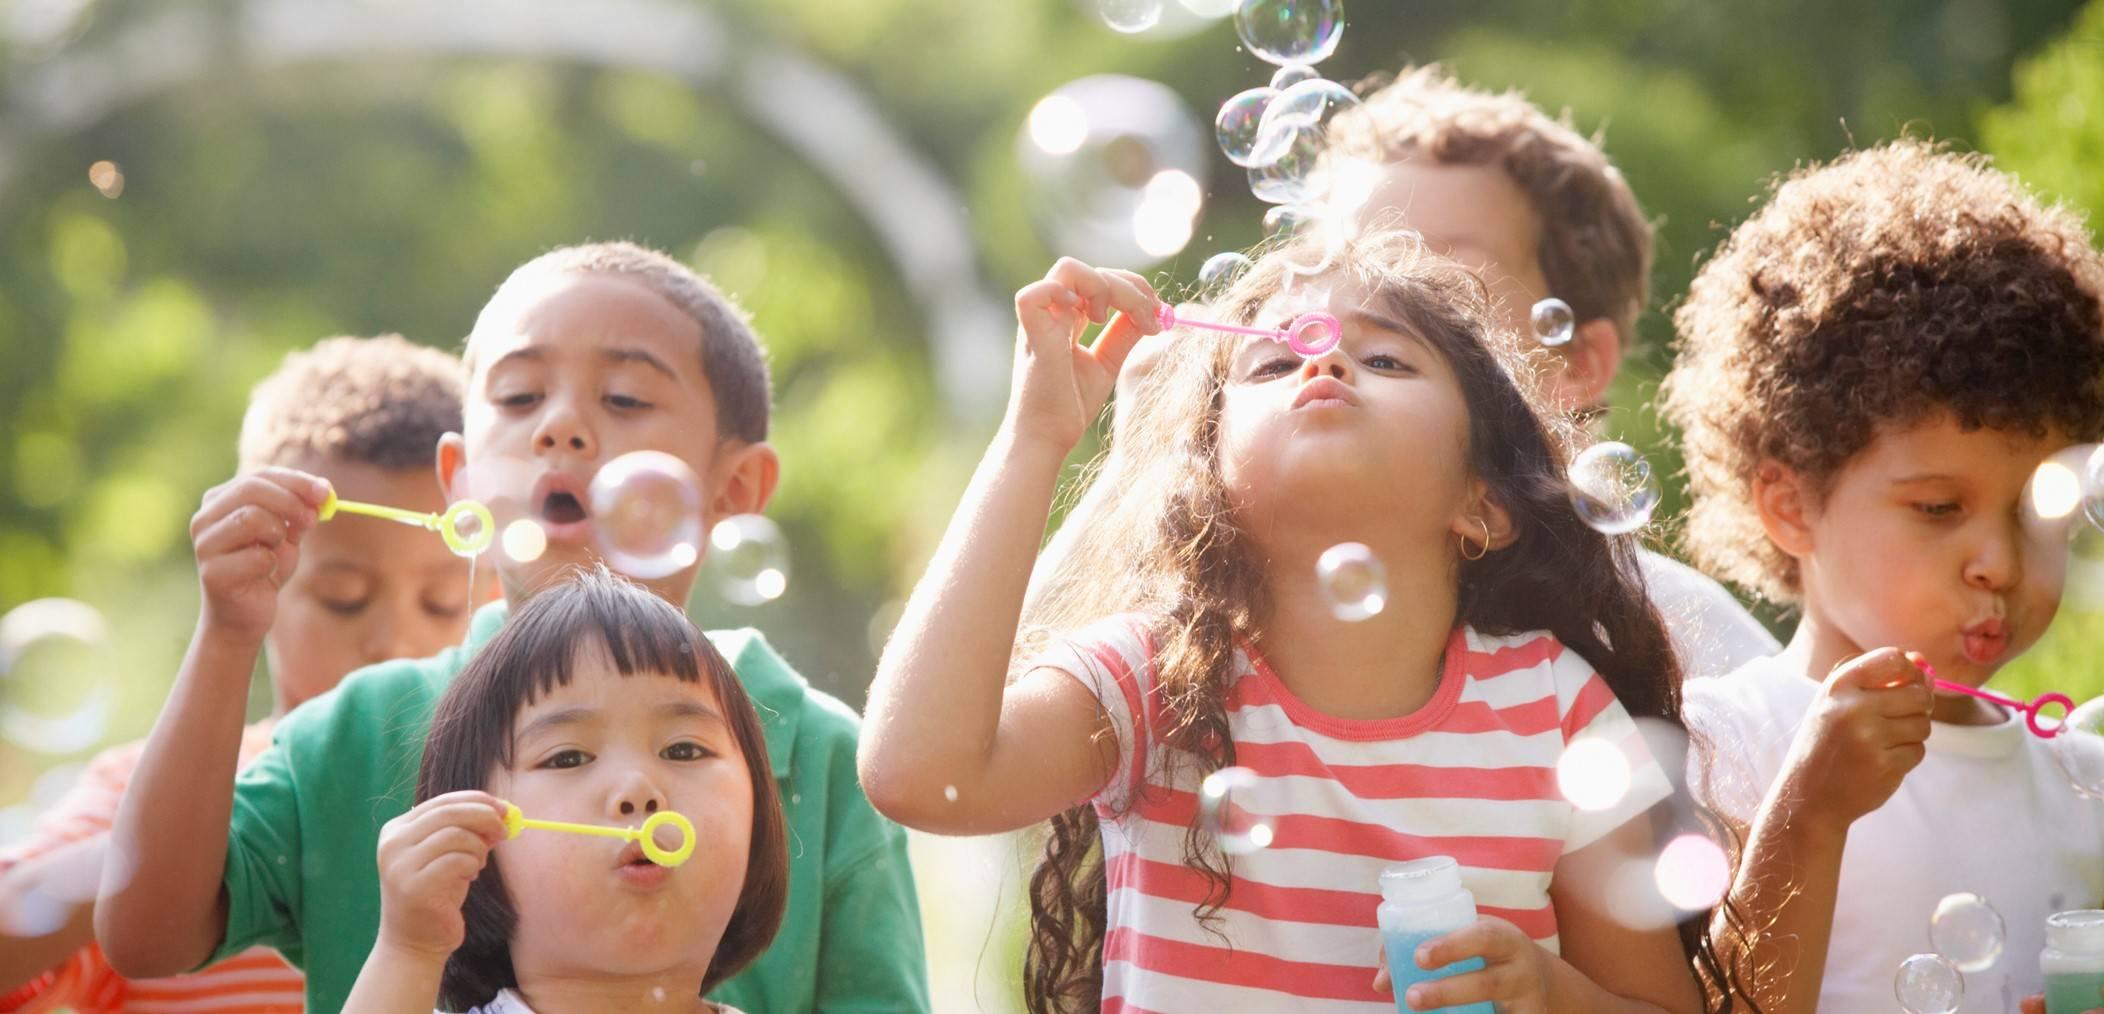 www.juicysantos.com.br - o que fazer com crianças em santos - programação infantil em santos e região